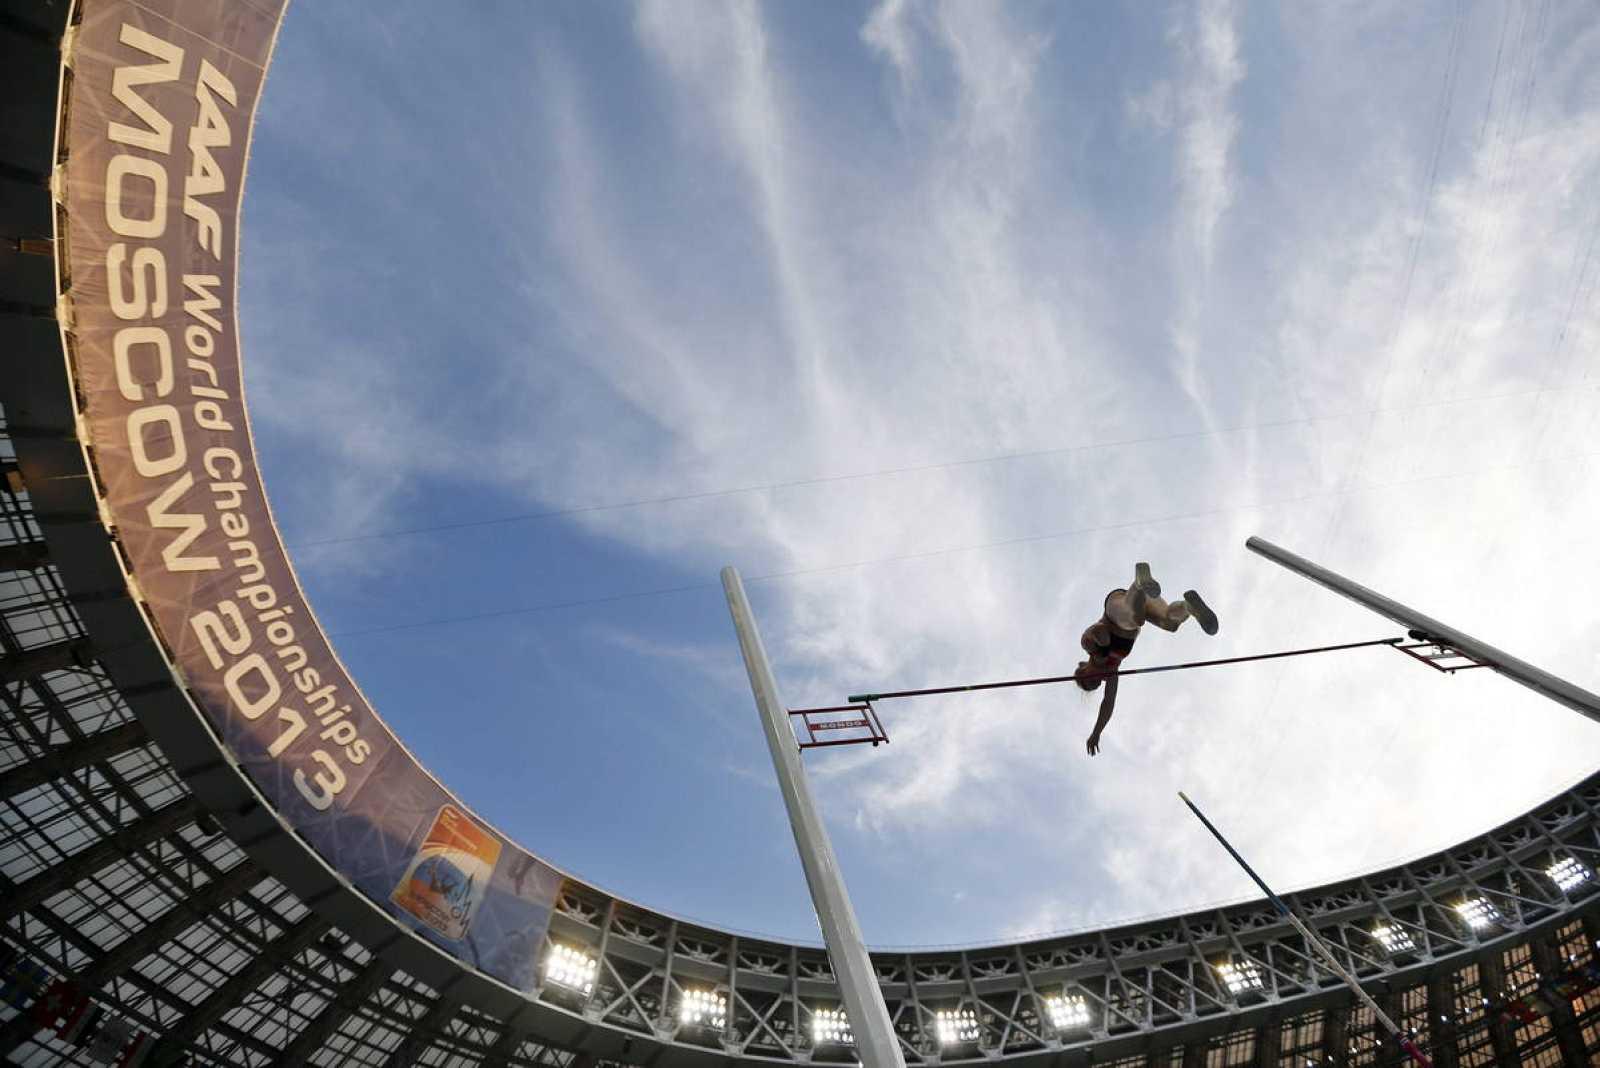 Imagen de archivo de los 14º Mundiales de atletismo que se disputaron en Moscú (Rusia) en 2013.